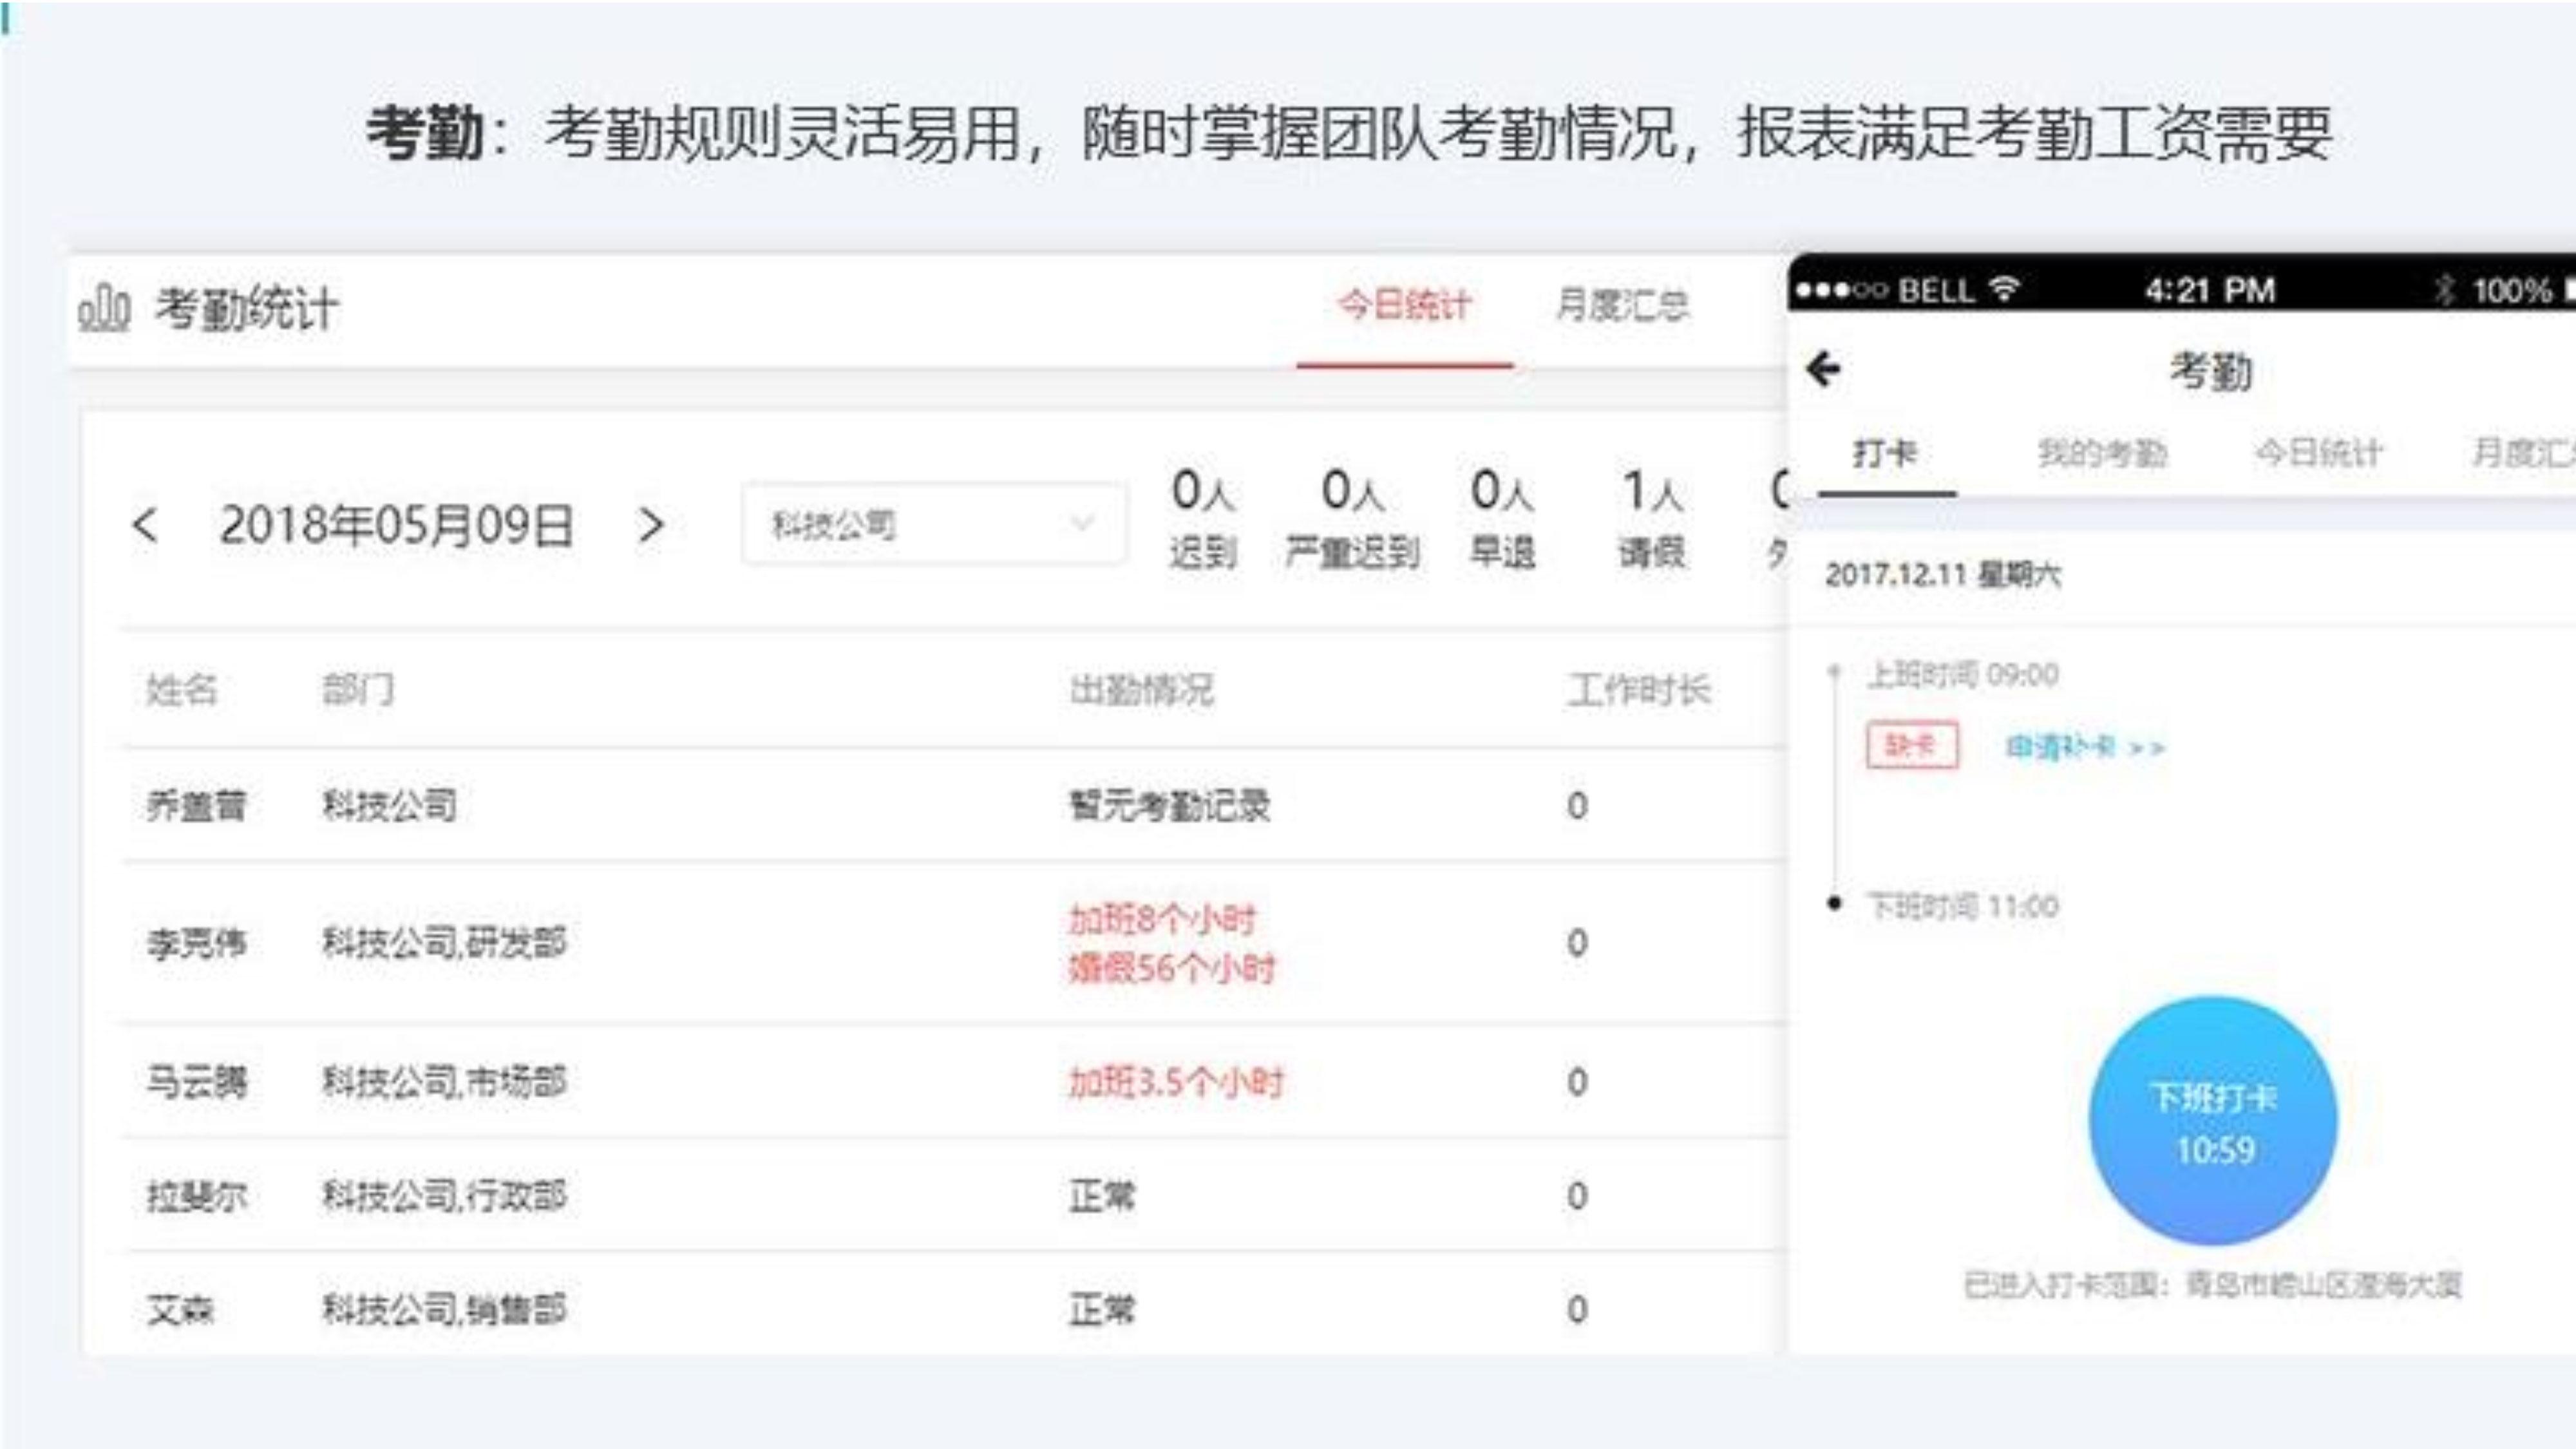 013010545727_0伙伴协同办公平台(1)_9.jpg